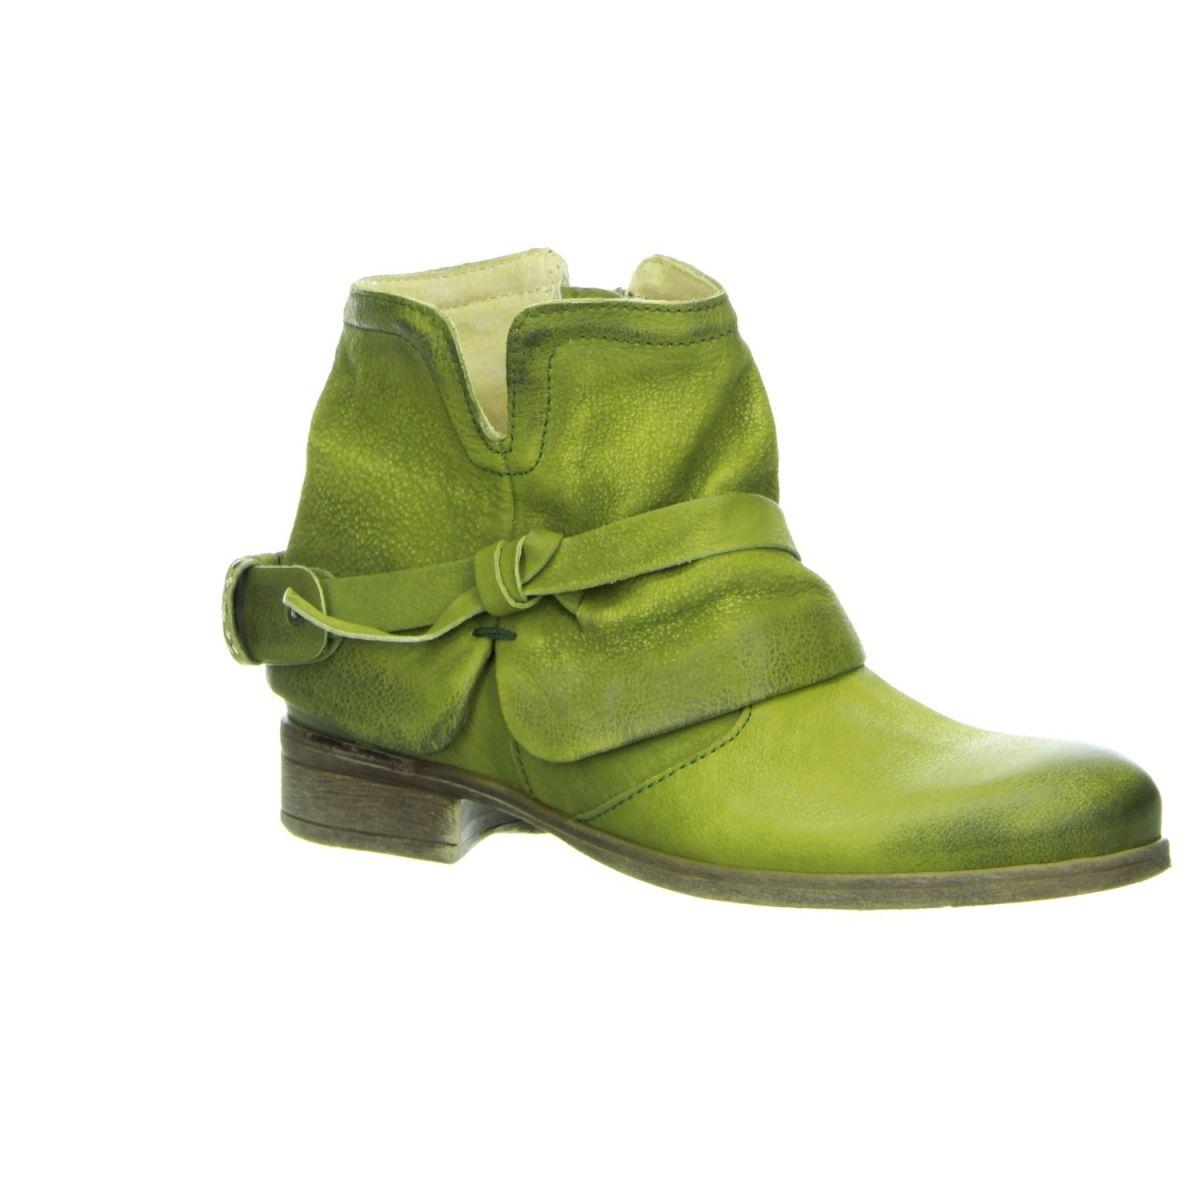 Online Billig Schuhe Frauen 2019 Ankle Stiefel Airstep